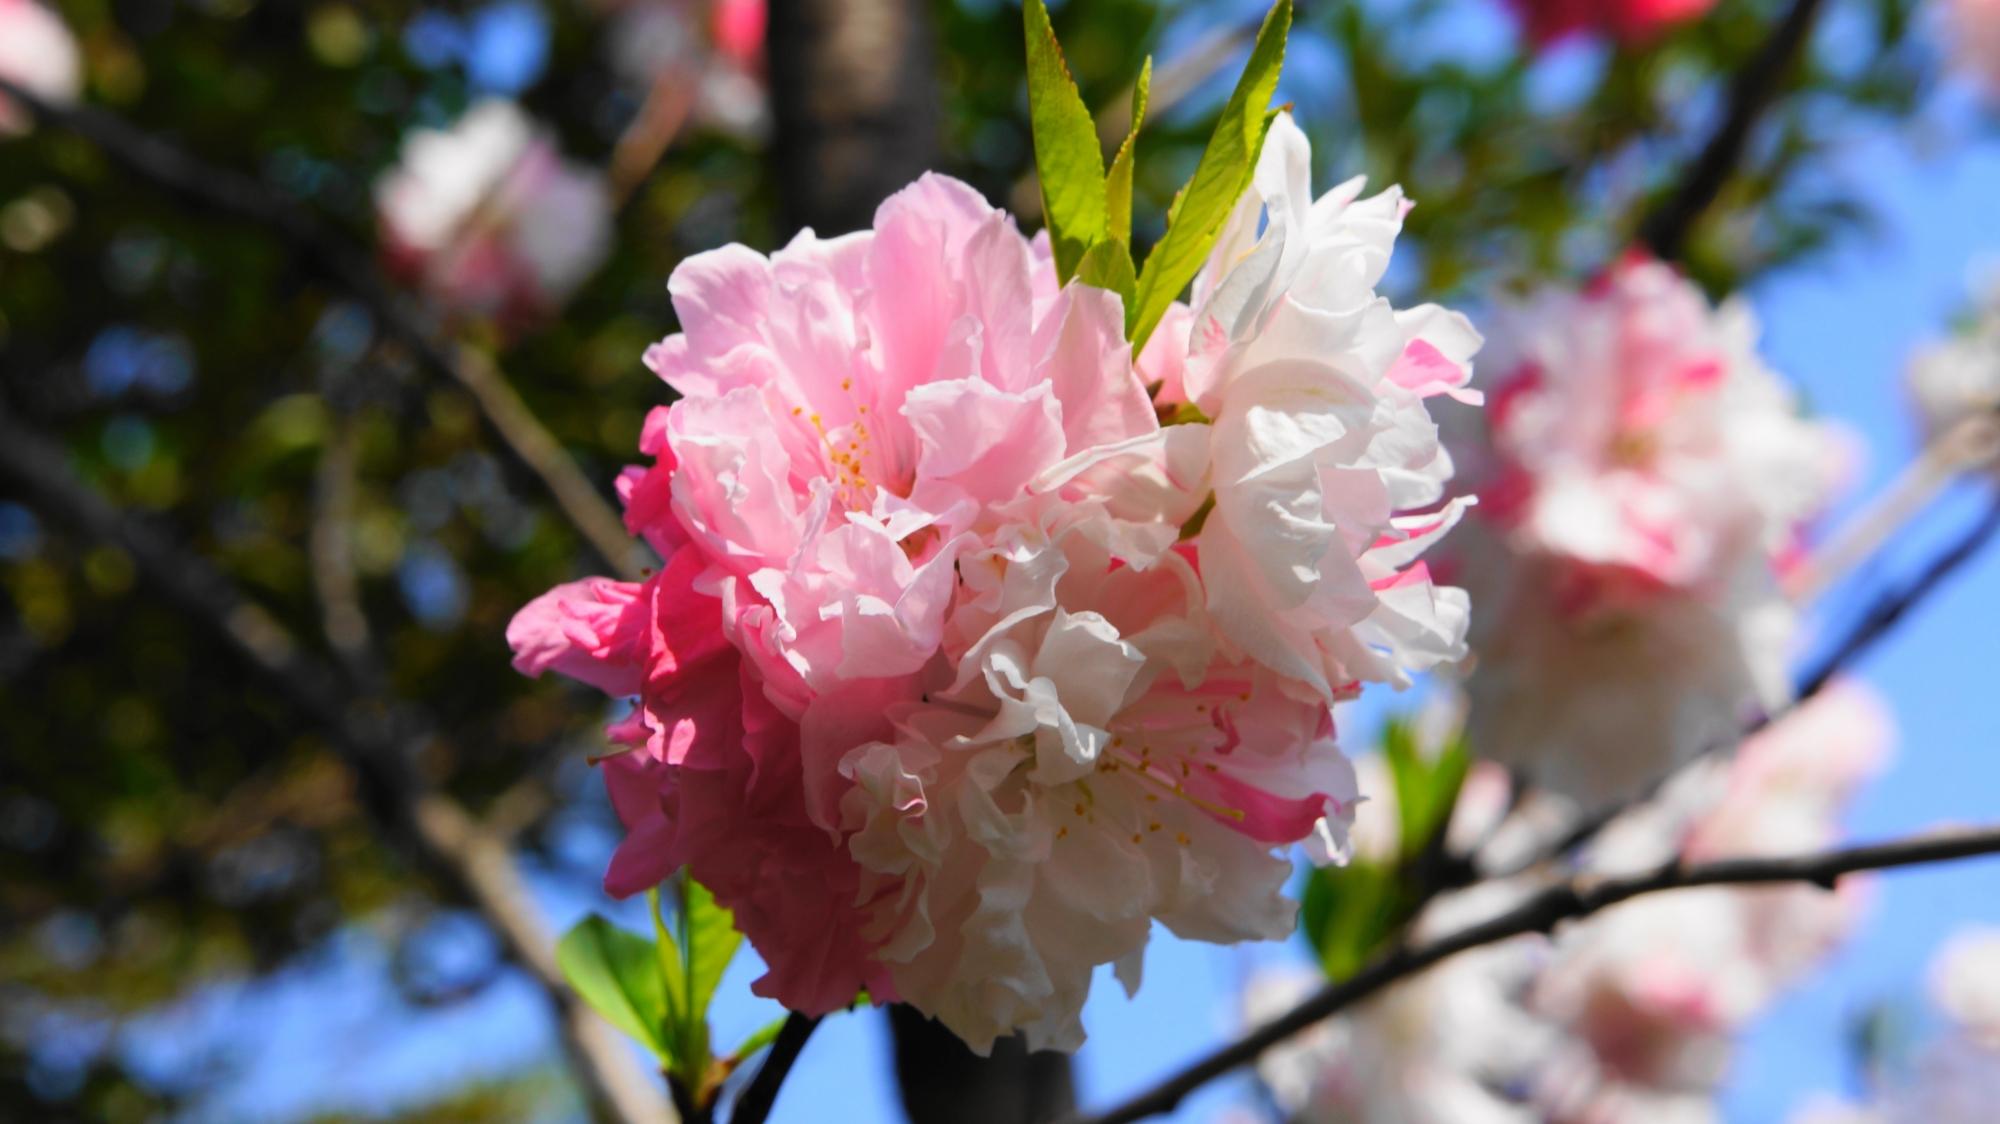 白とピンクと薄いピンクの三色仕様の桃の花